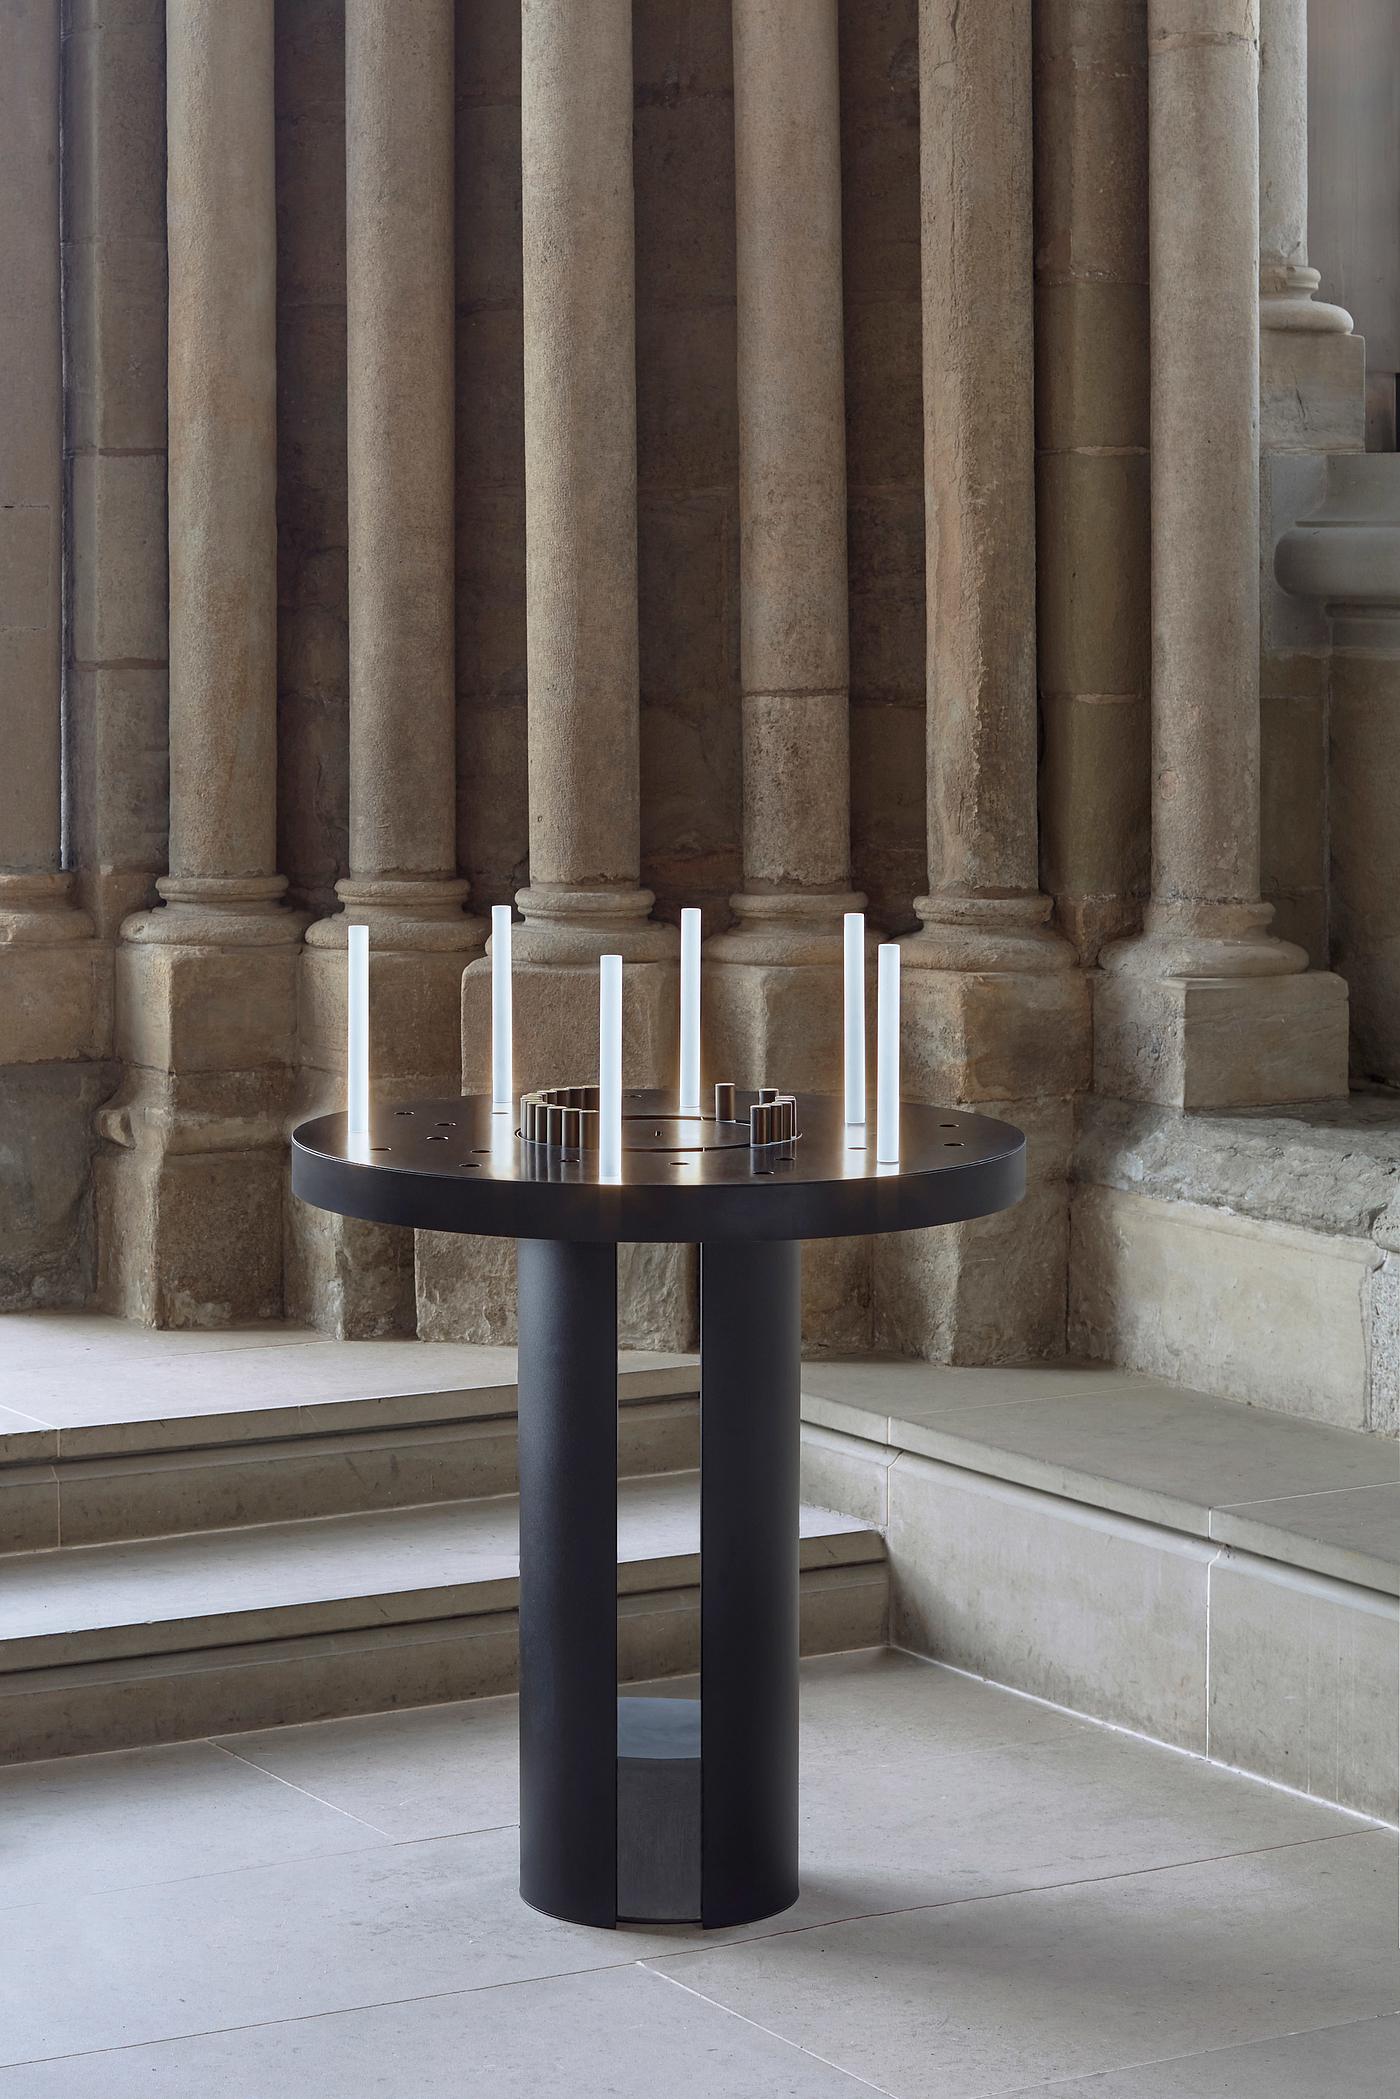 安全环保的Celeste电子蜡烛